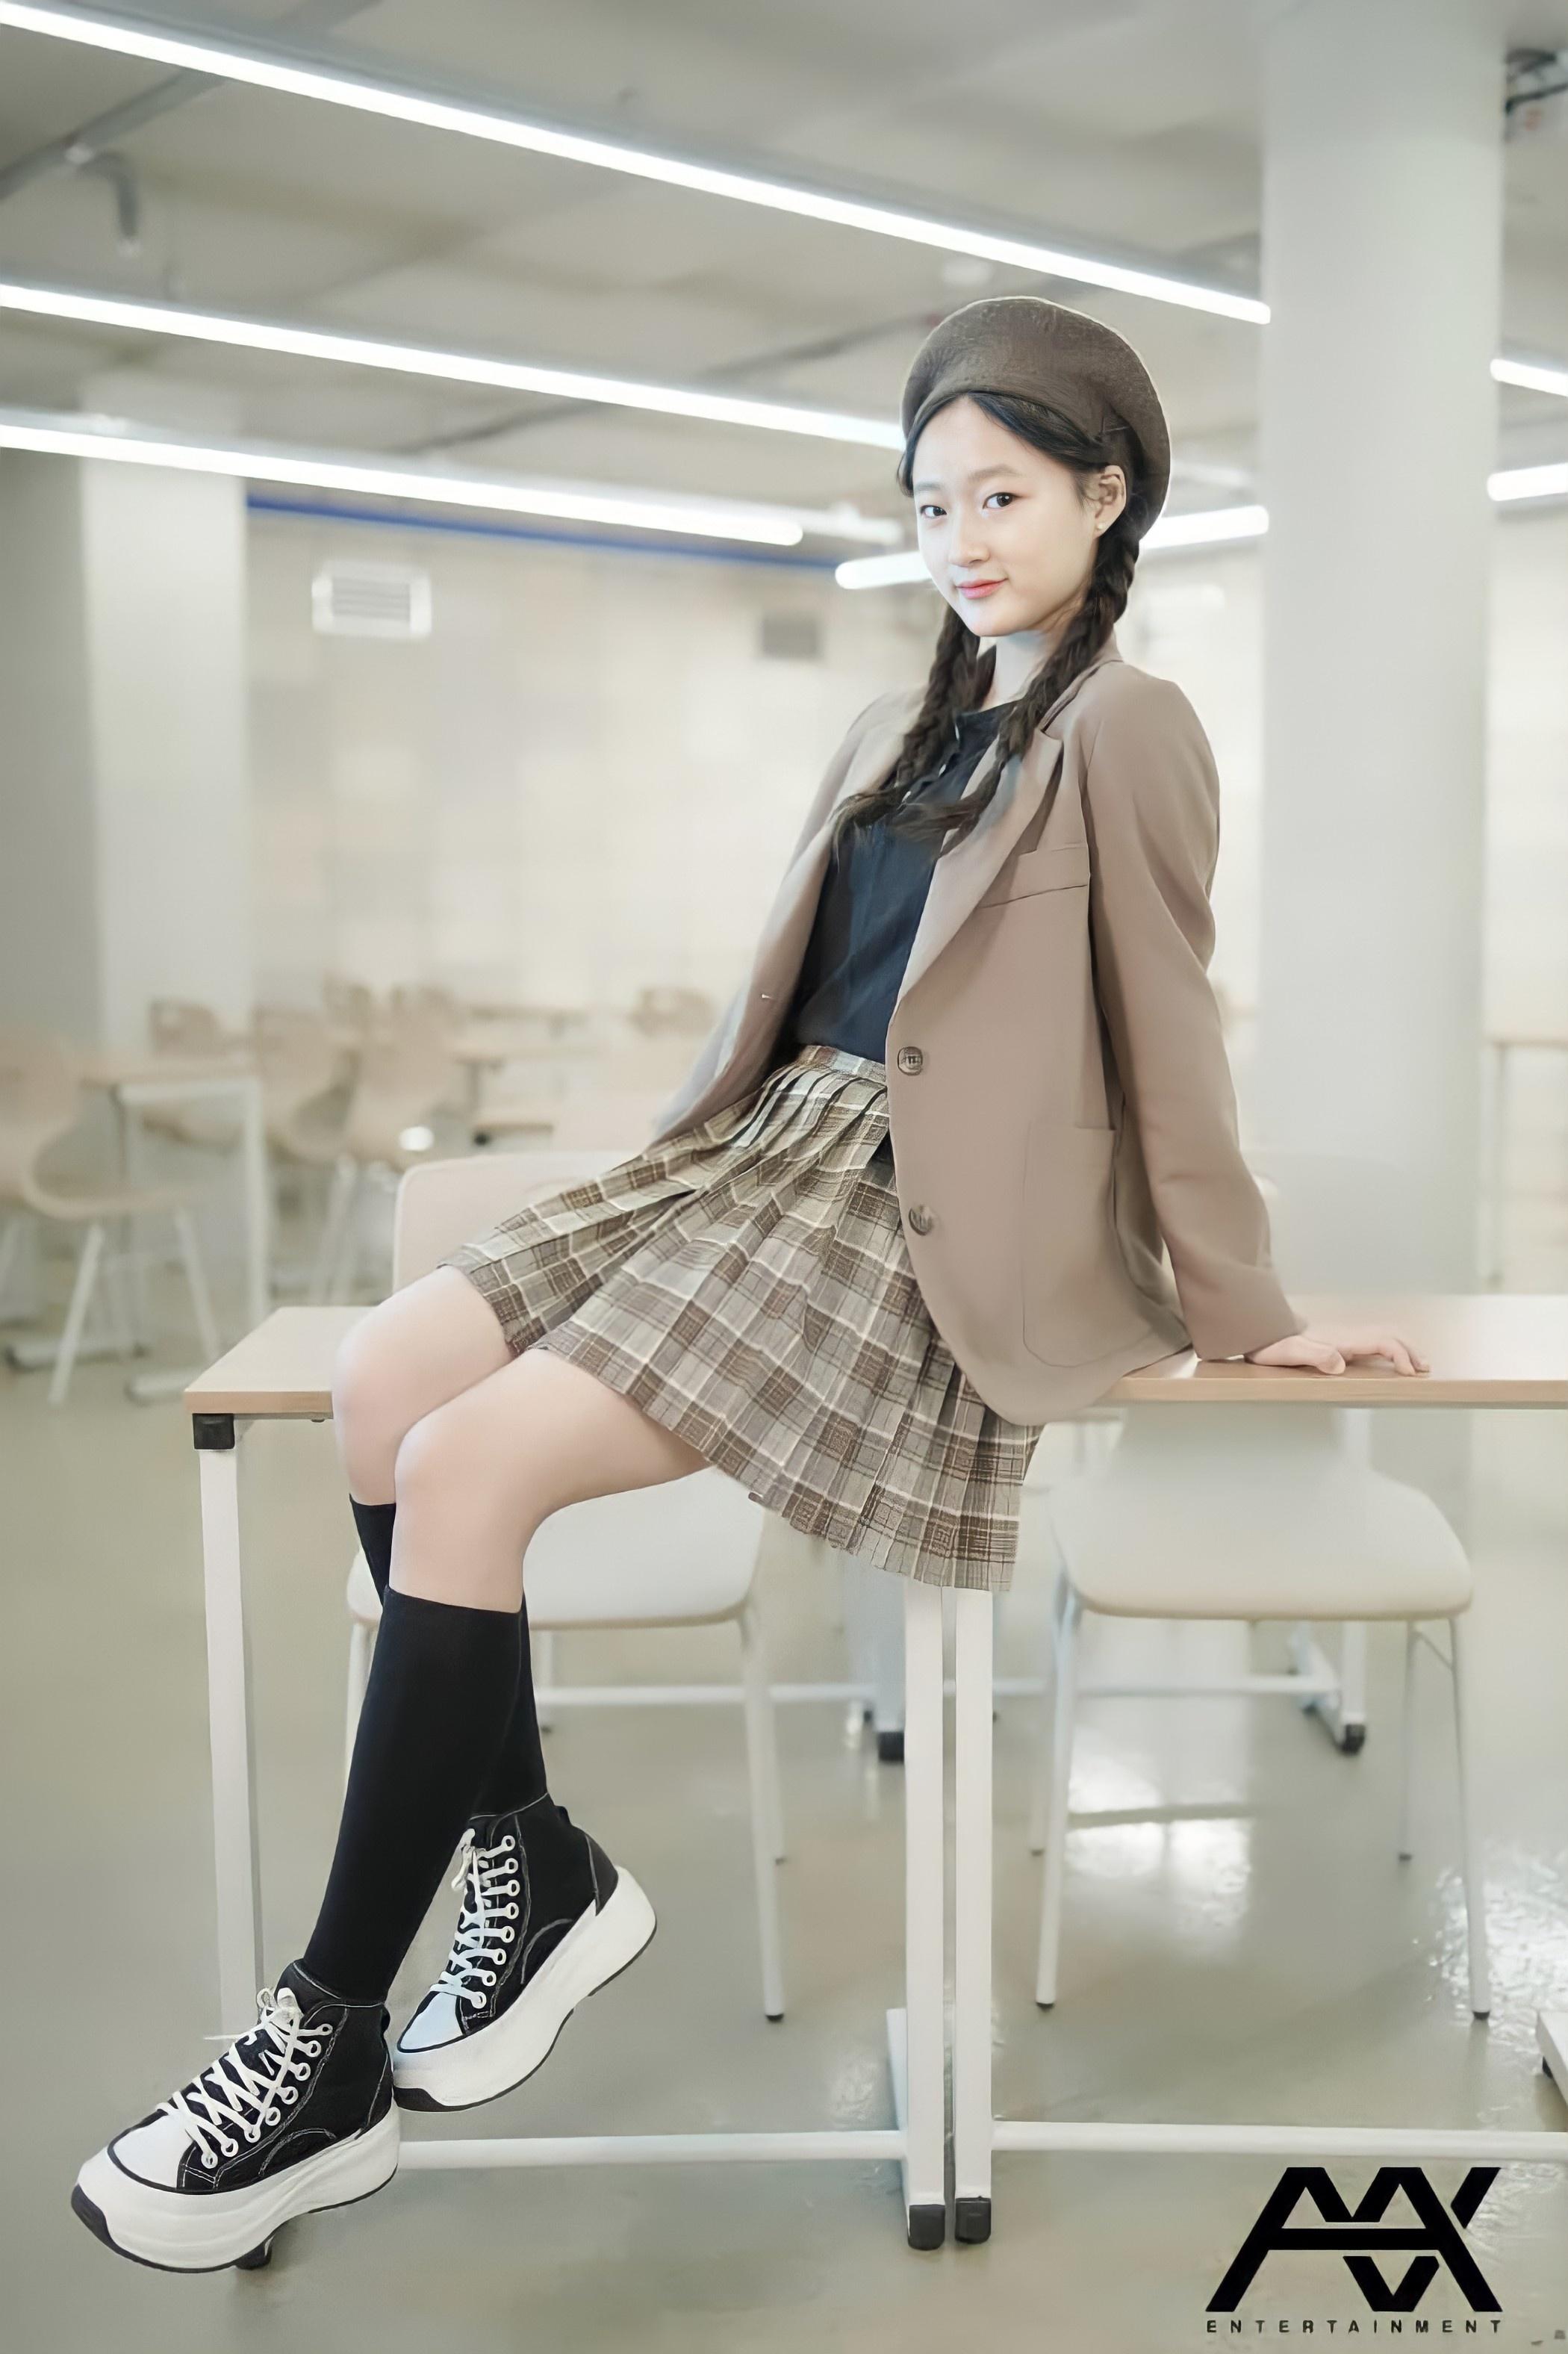 Haeun